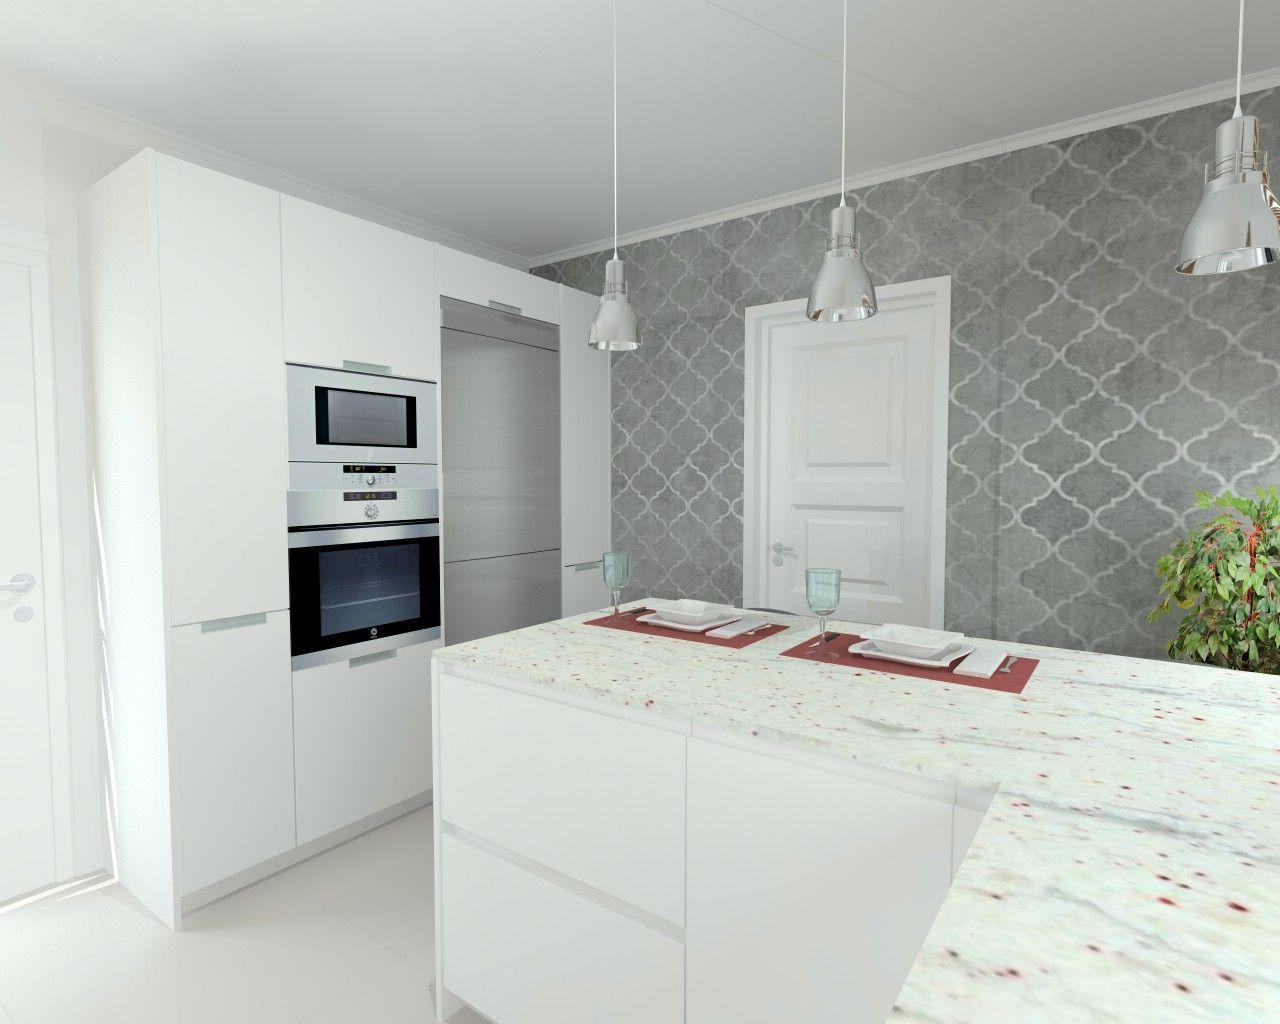 Cocina santos line estratificado blanco encimera granito for Encimera cocina granito